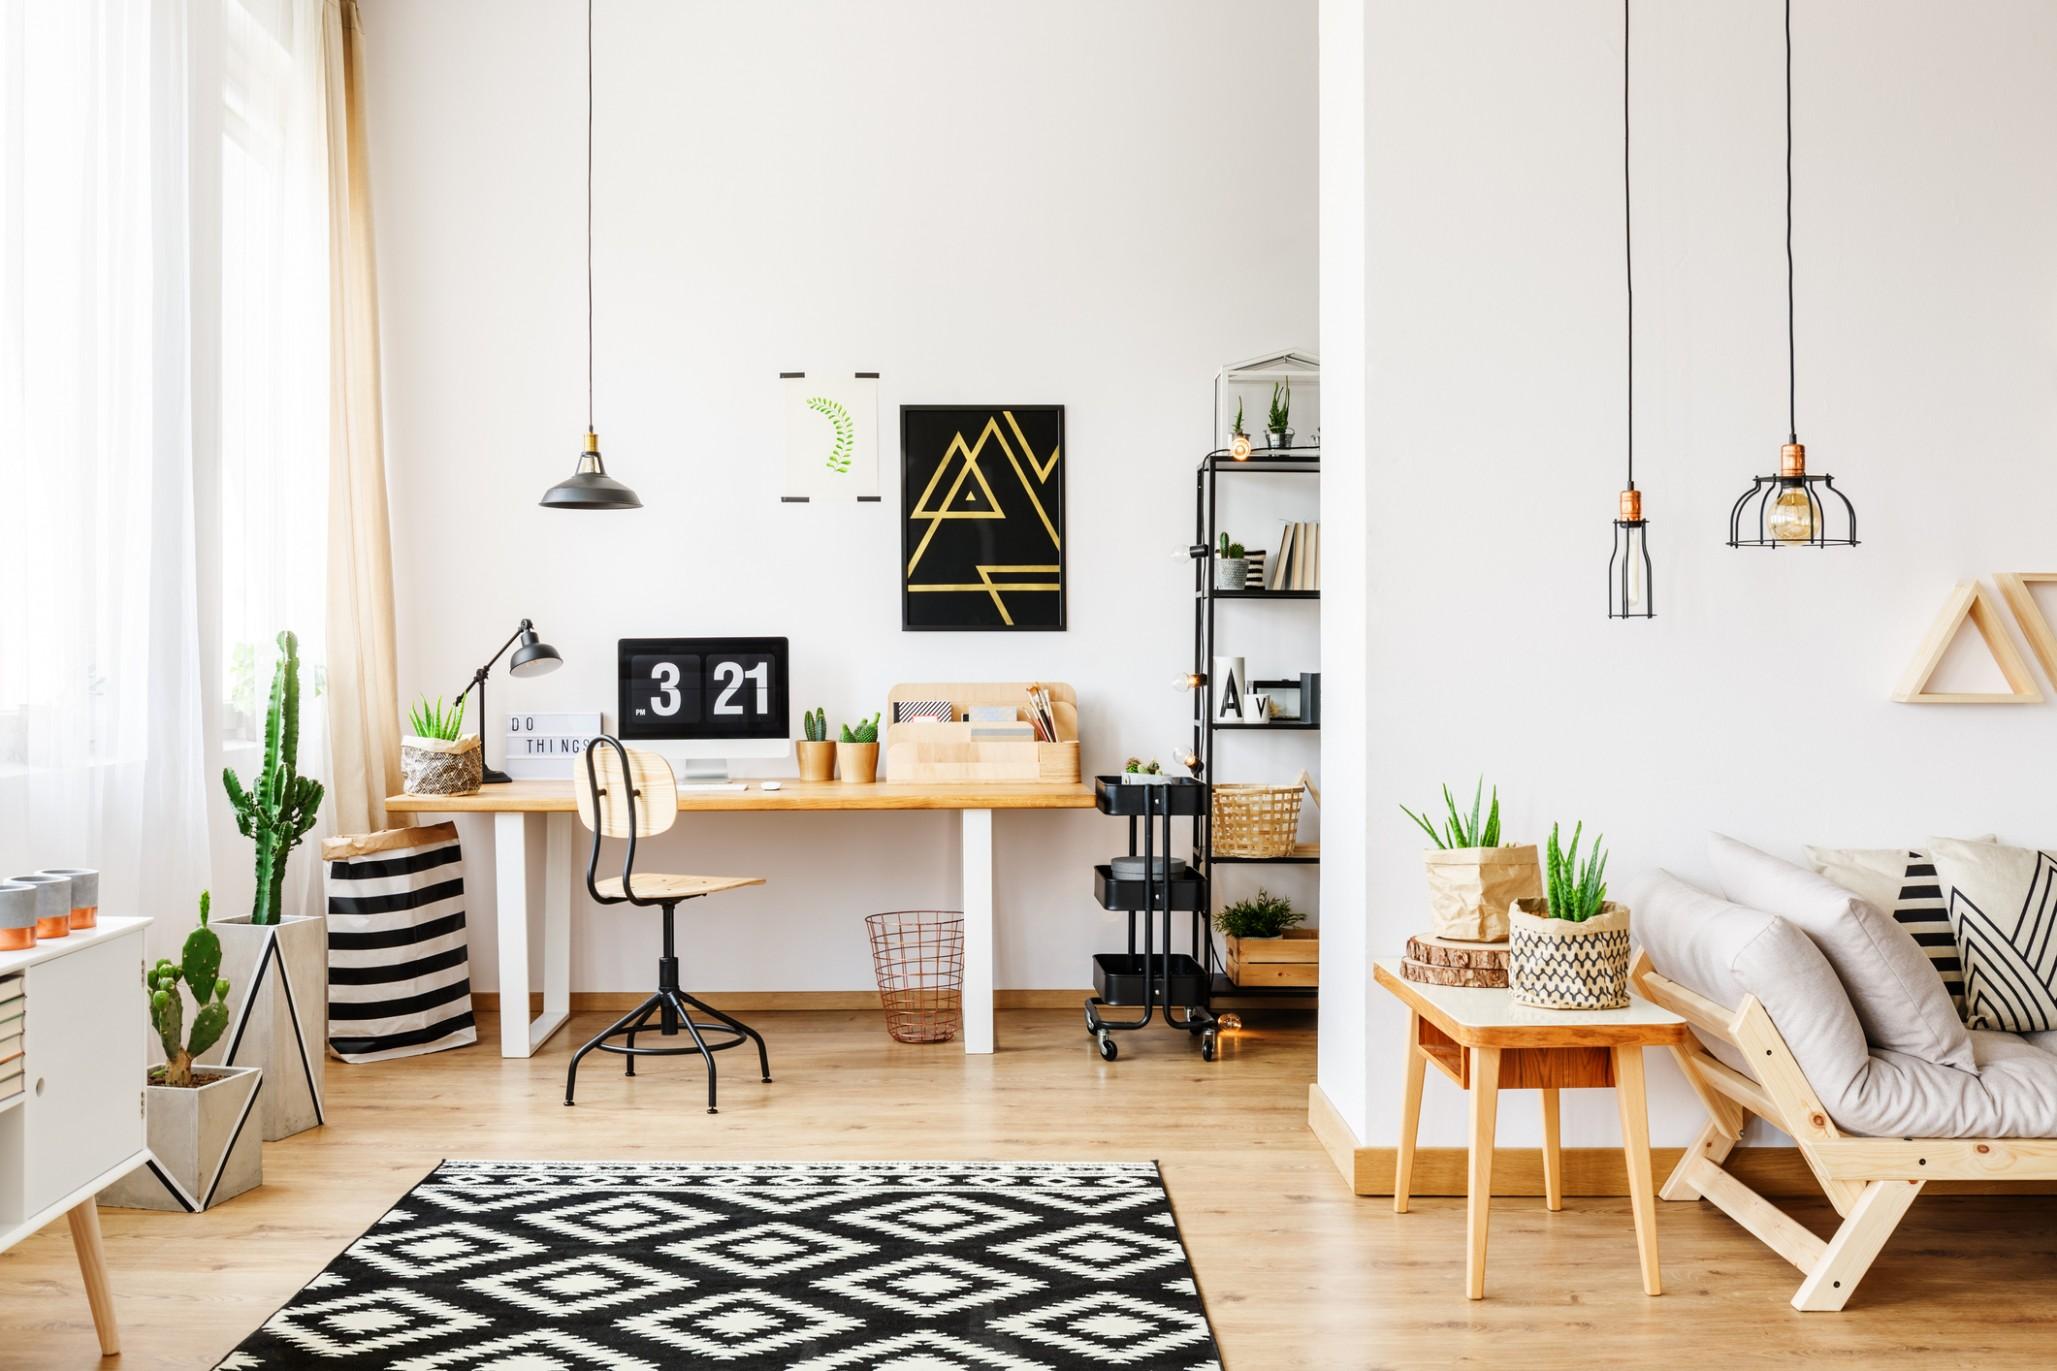 11 Apartment Interior Design Trends That We Love for 11 - Life in  - Apartment Design Trends